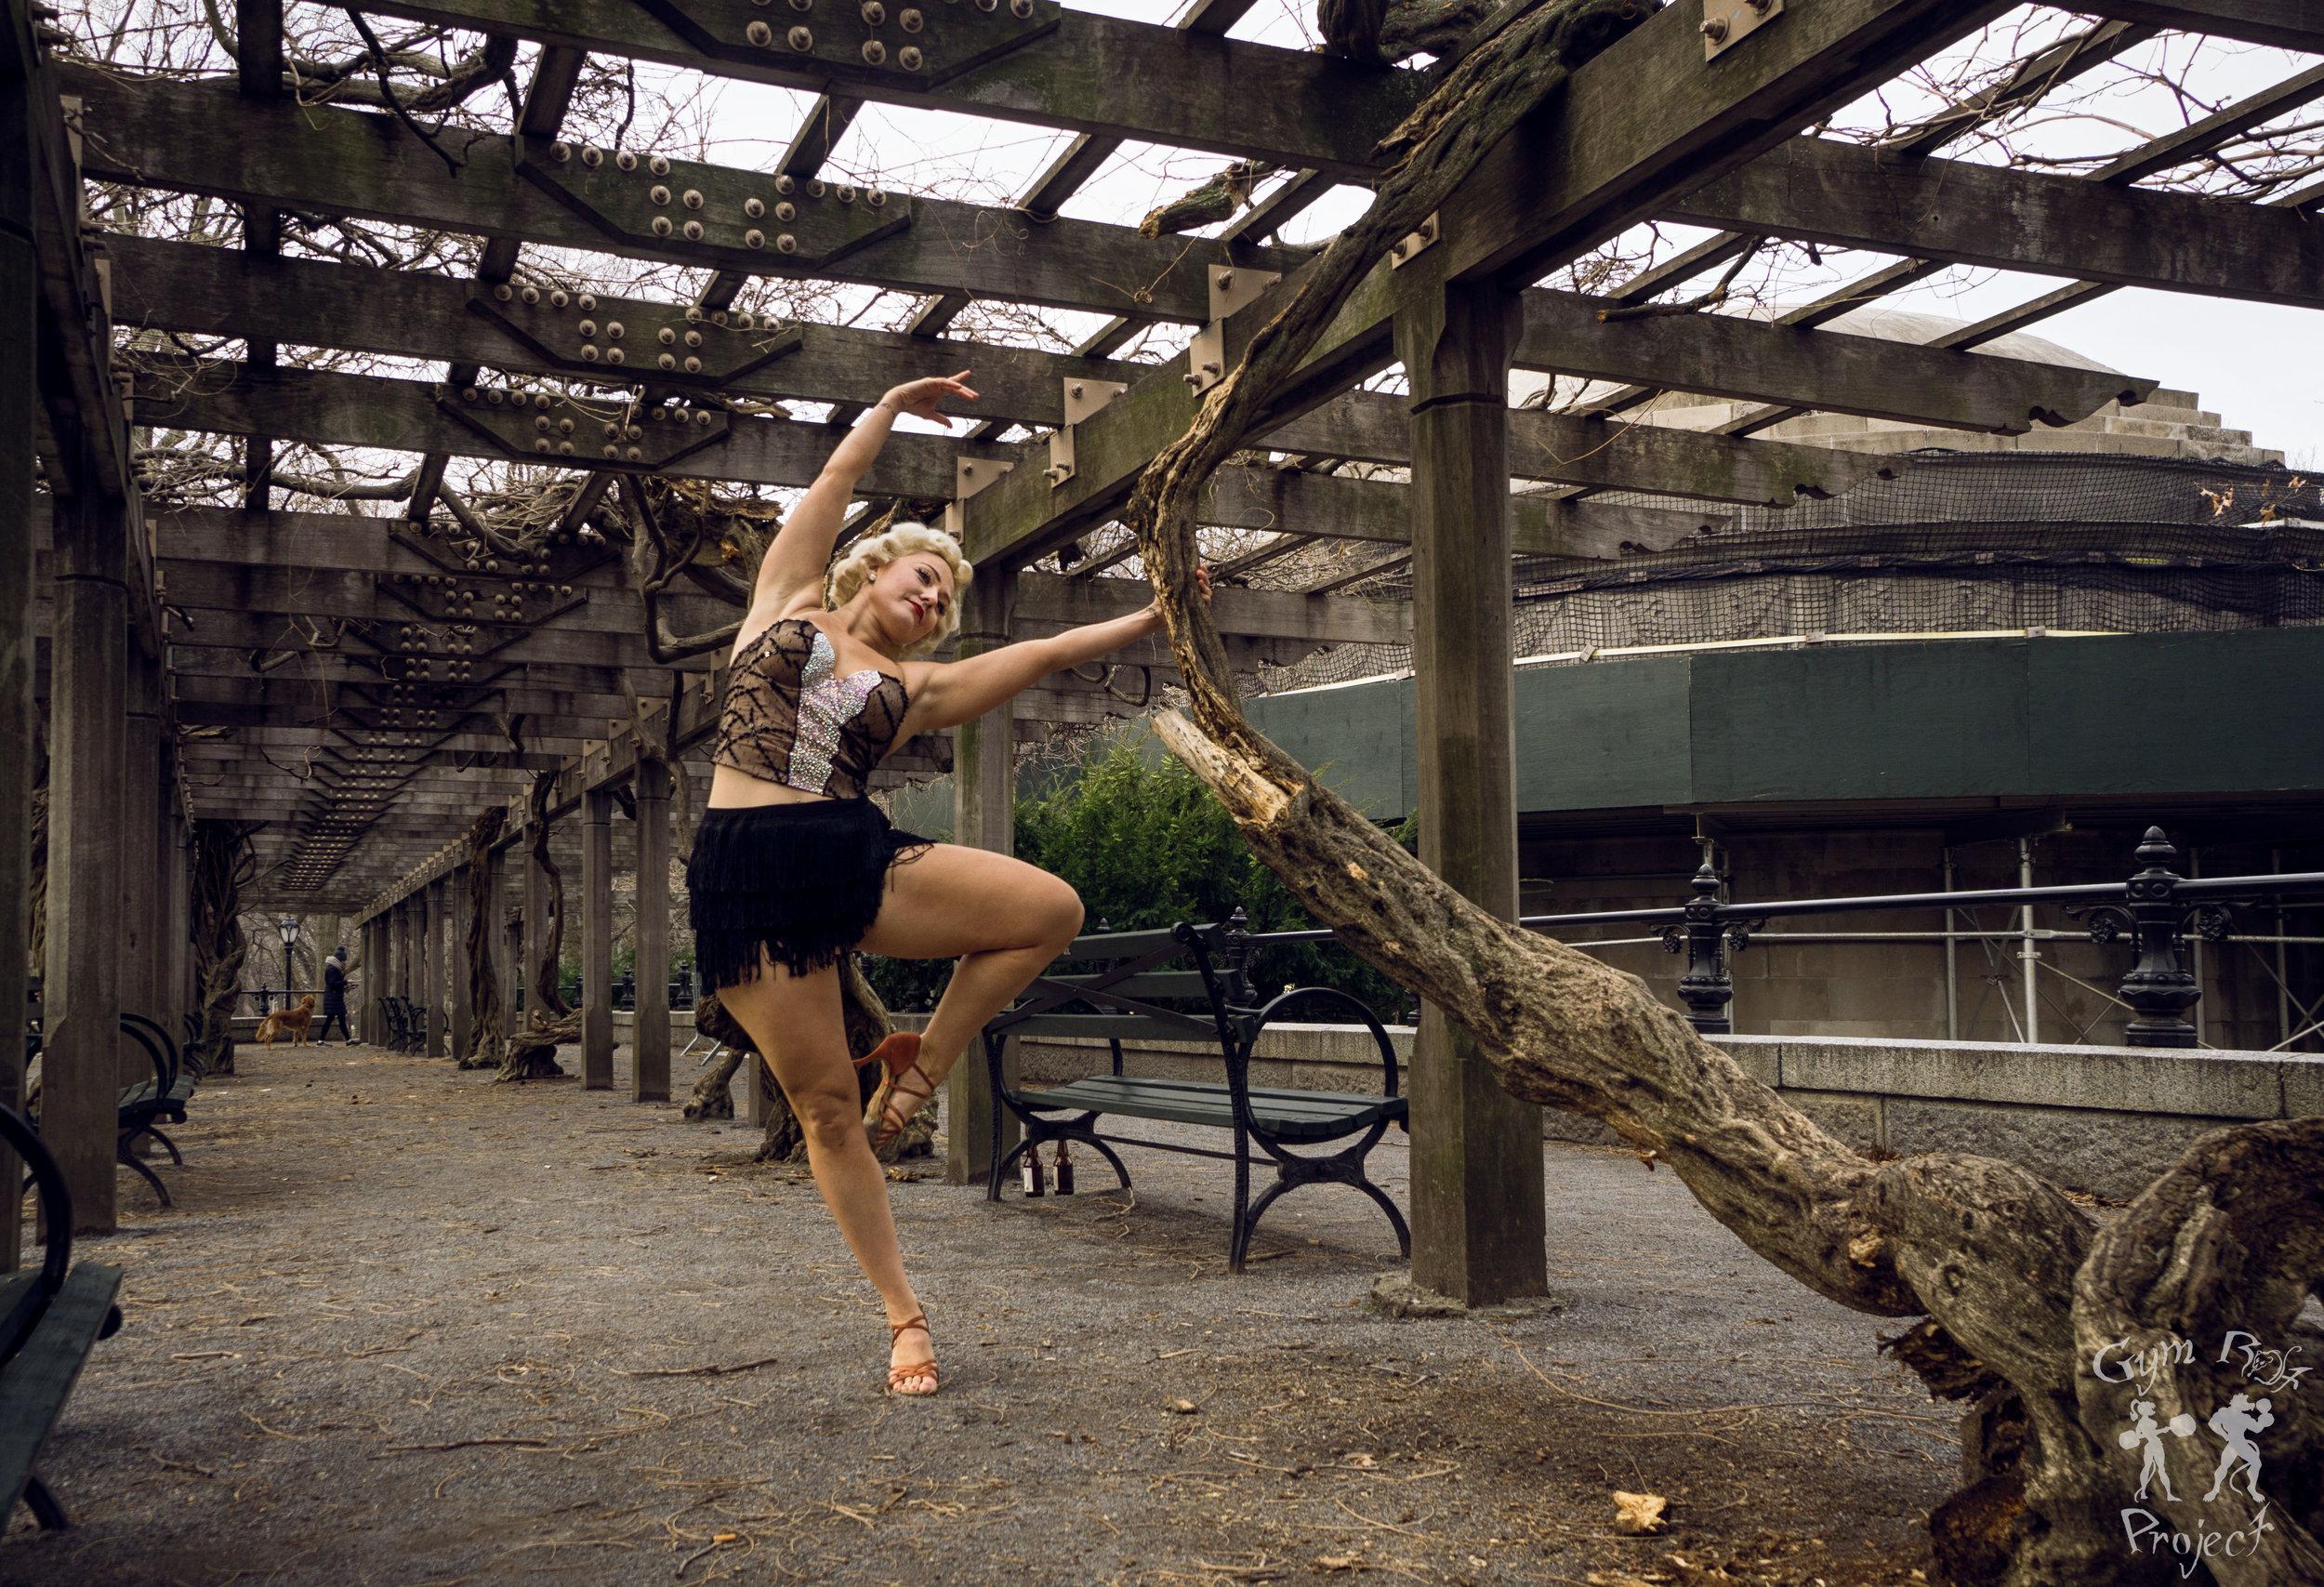 Vicky-good-photography-gymratproject-olivia6.jpg